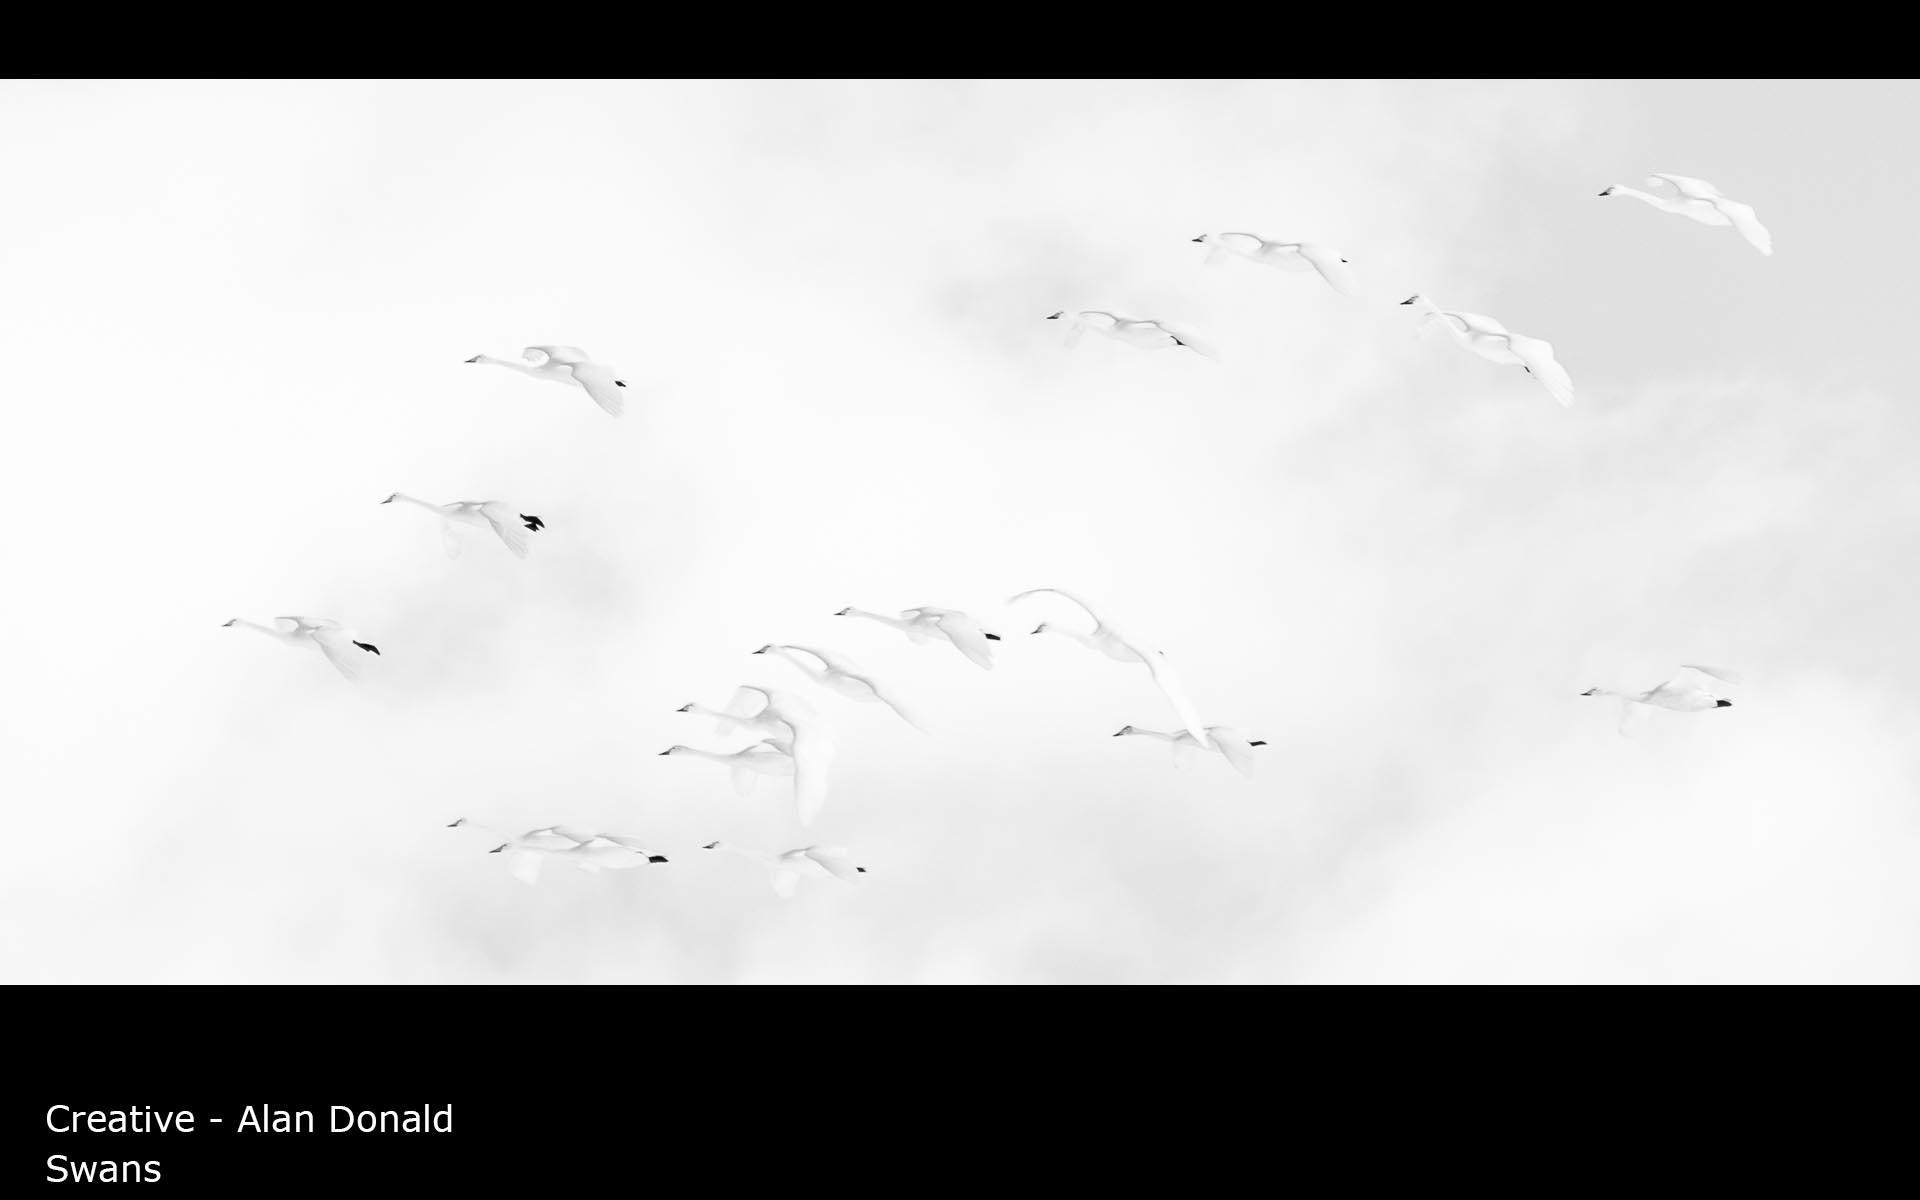 Swans - Alan Donald